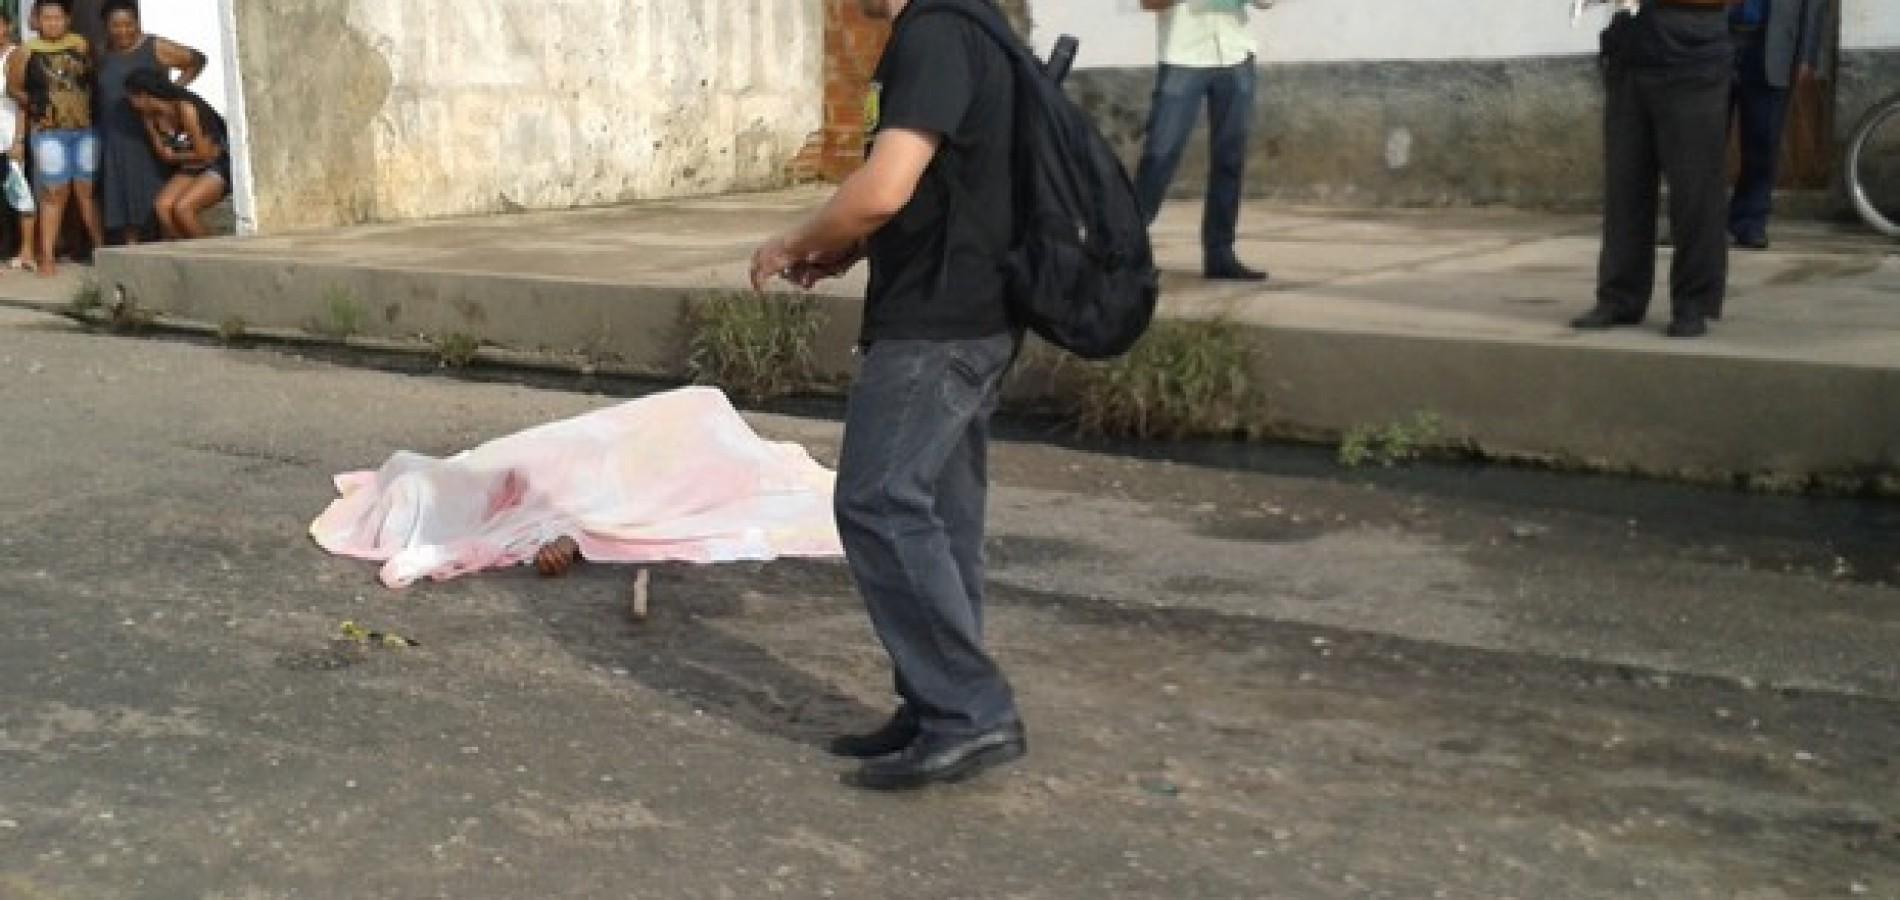 Piauí registrou 99 homicídios em dois meses, diz Sinpolpi